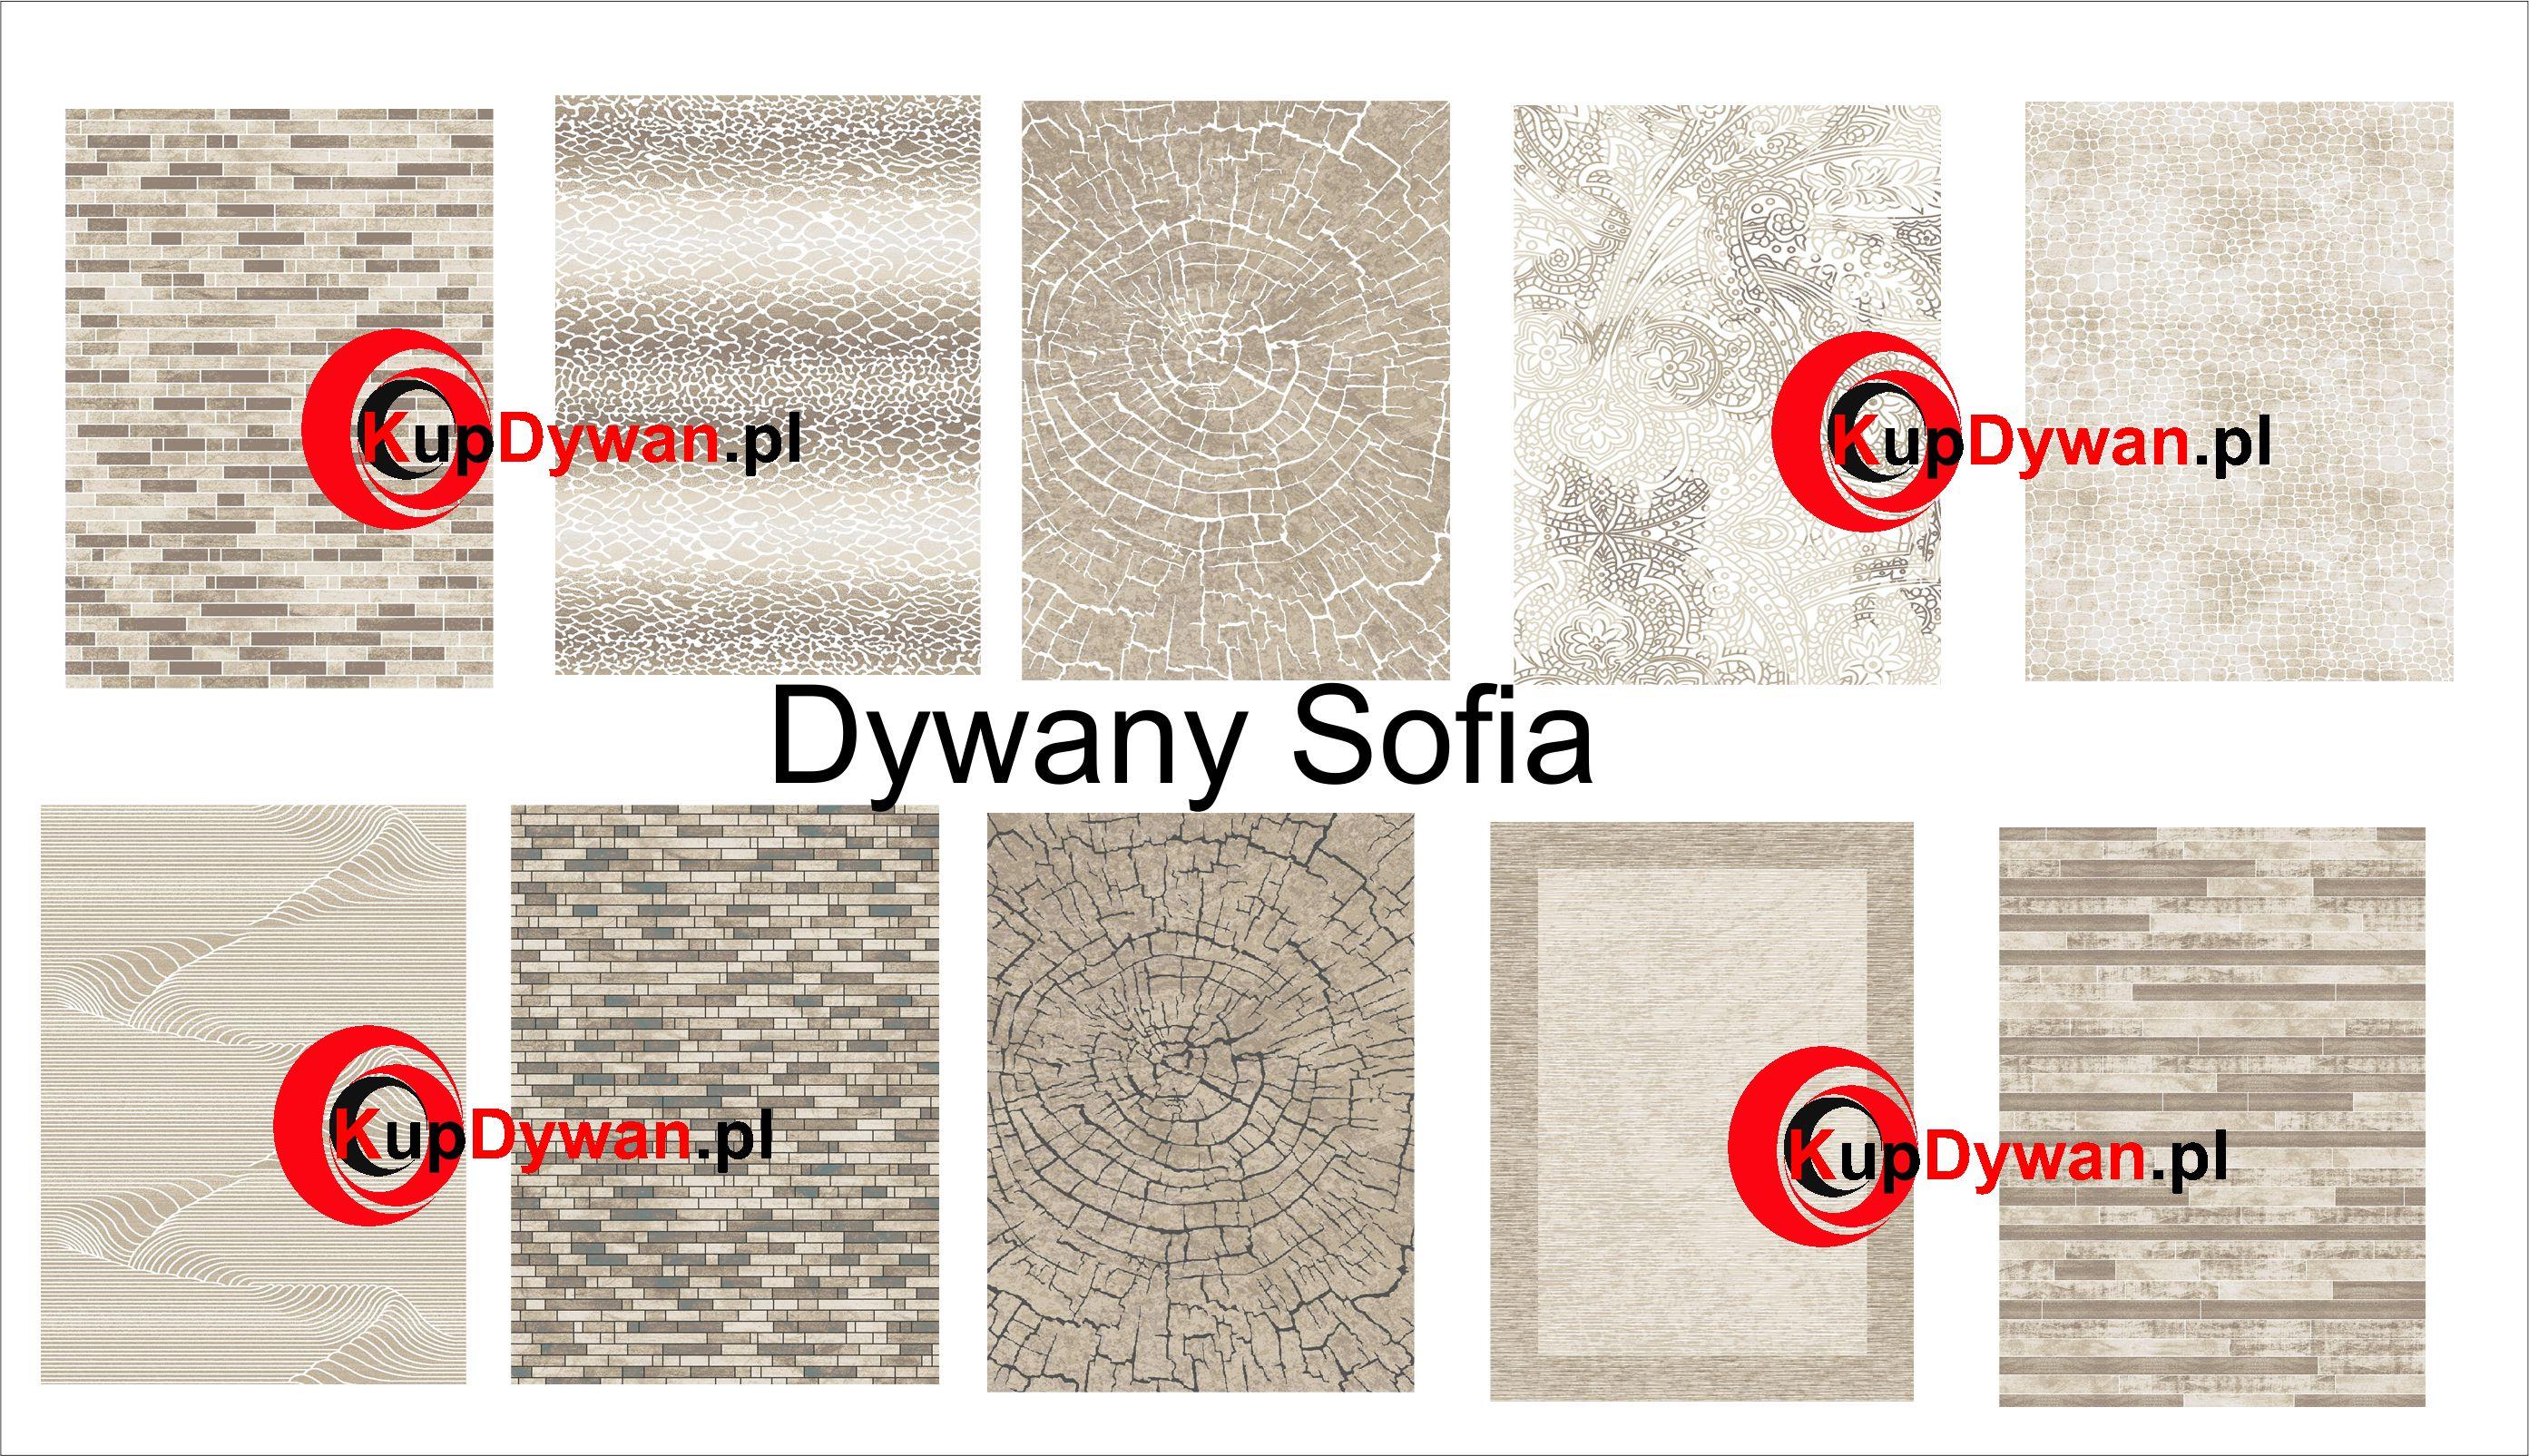 dywany sofia nowa kolekcja